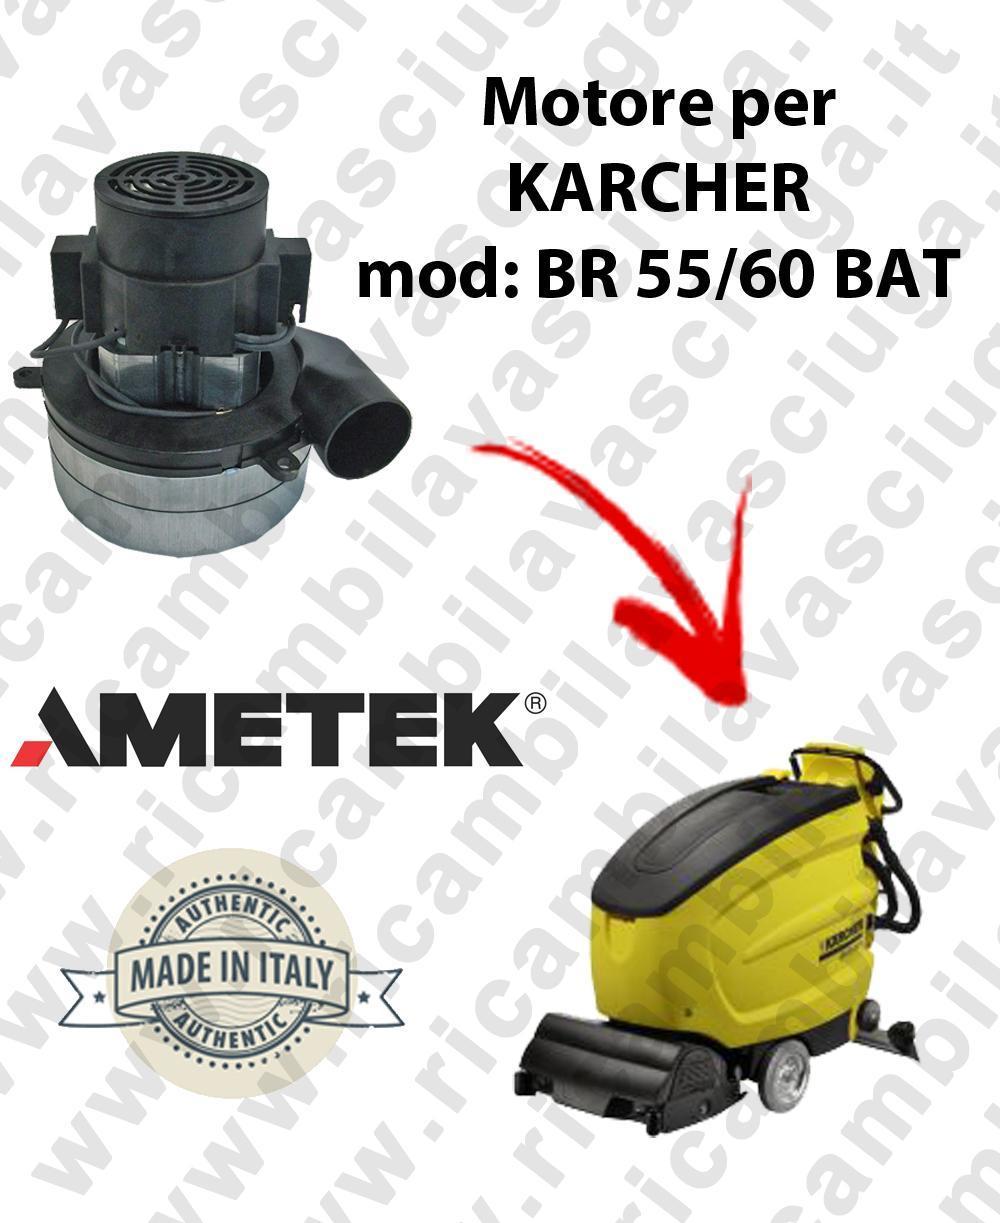 BR 55/60 BATT MOTEUR AMETEK aspiration pour autolaveuses KARCHER